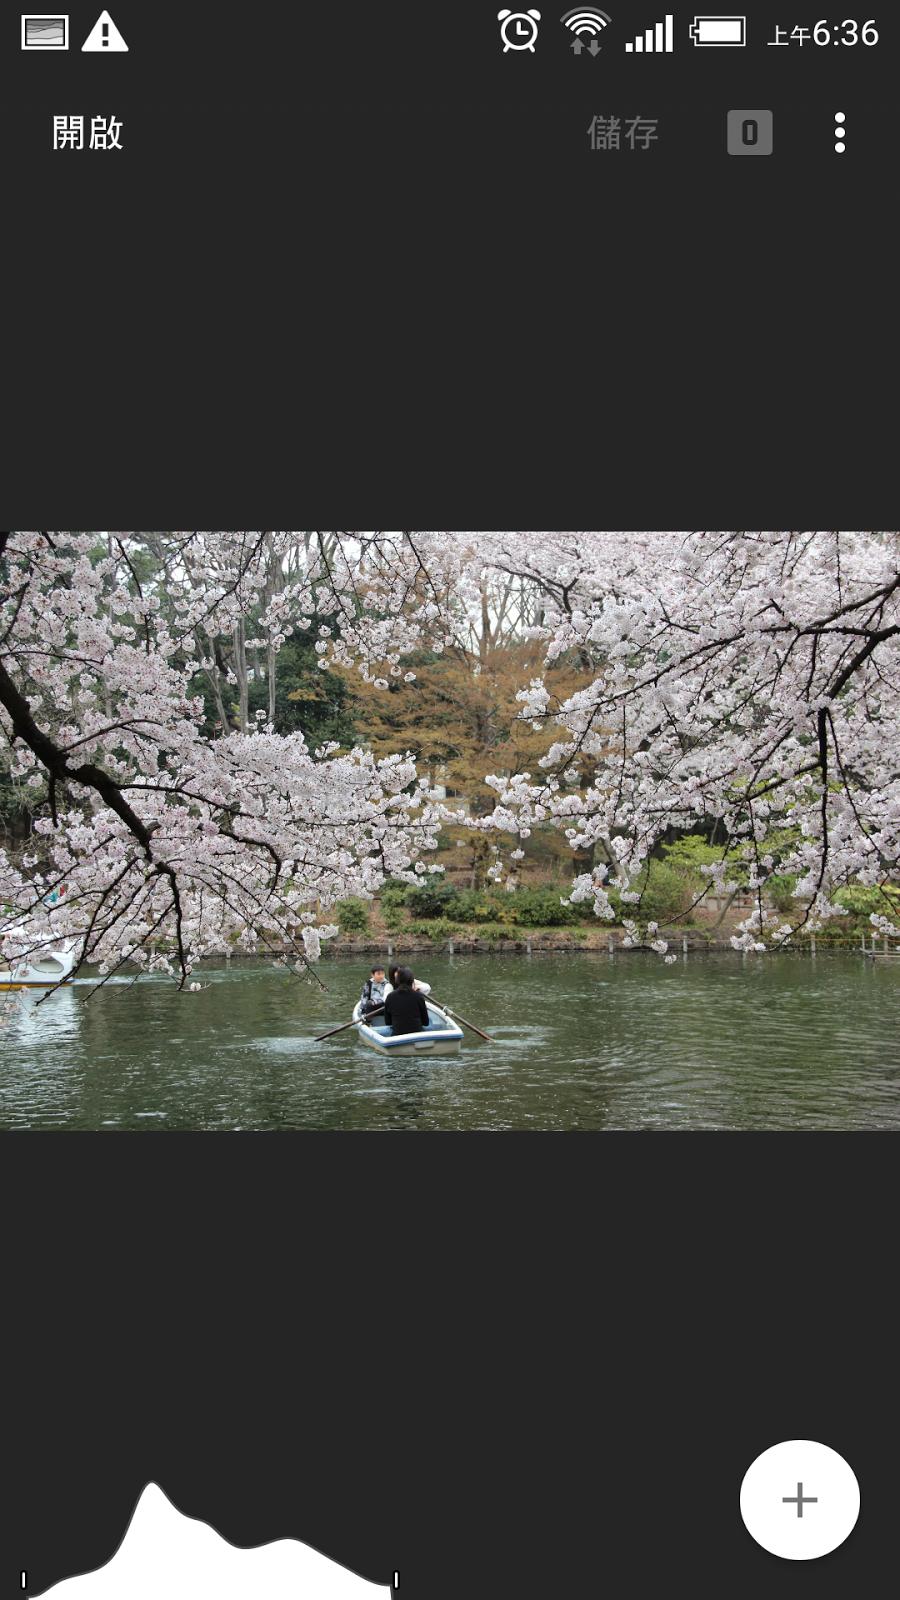 Snapseed 2 最神奇的修圖 App 不可錯過七大新功能|數位時代